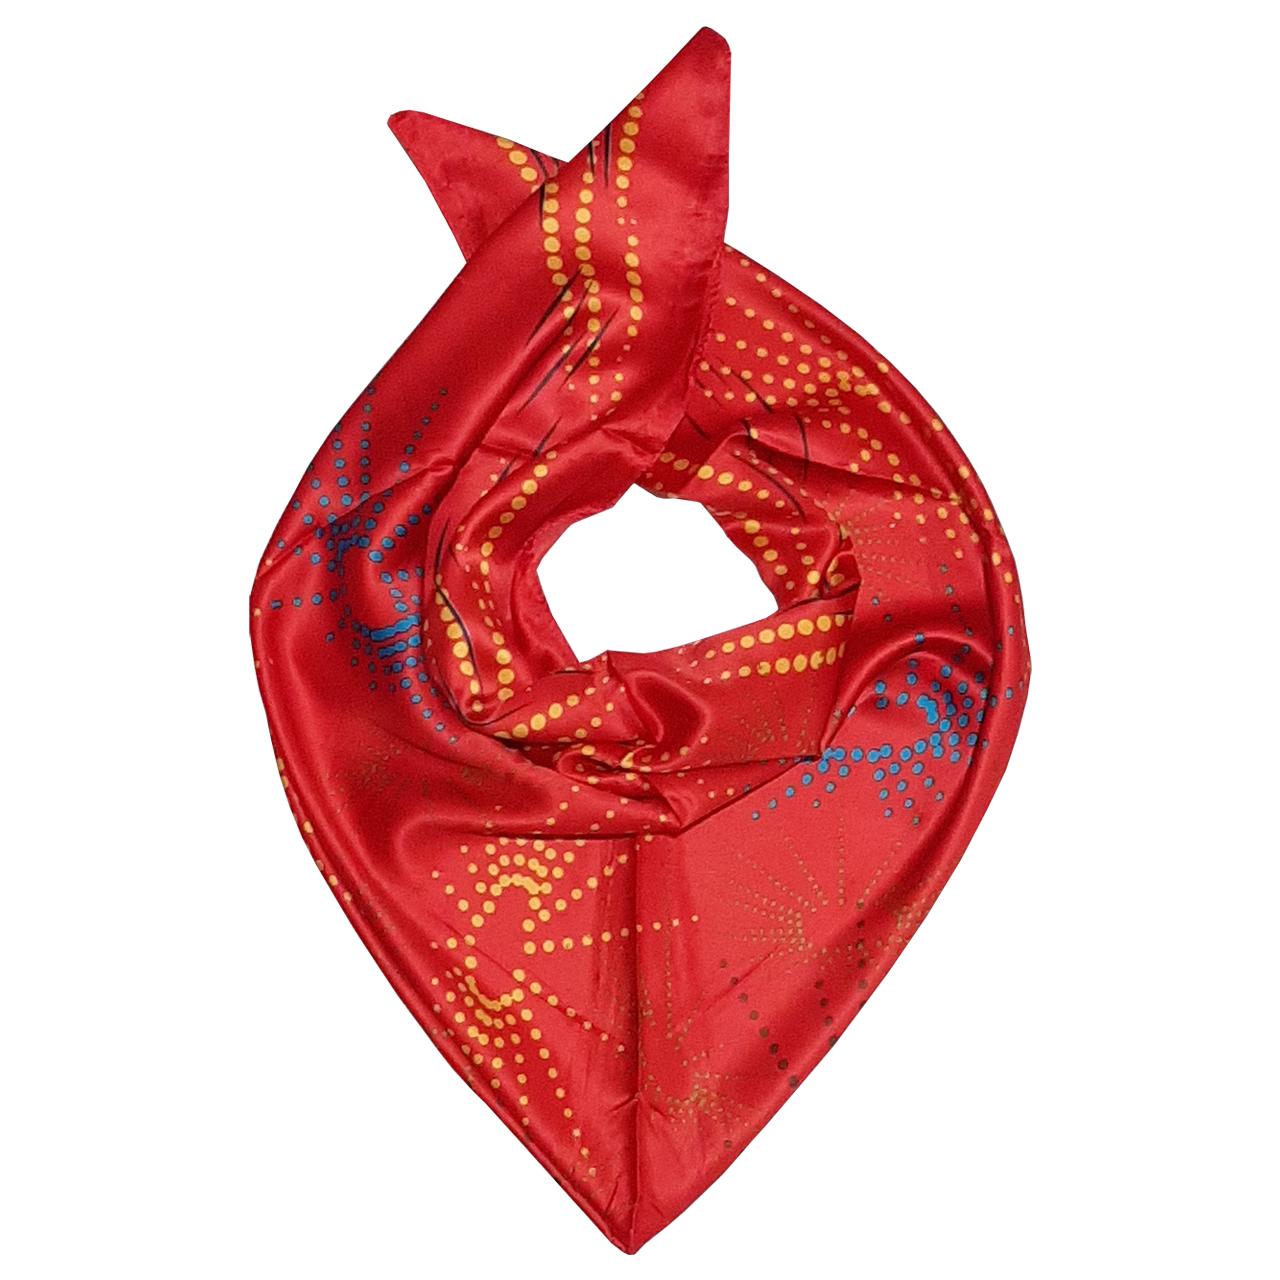 تصویر روسری دخترانه مدل Kh33